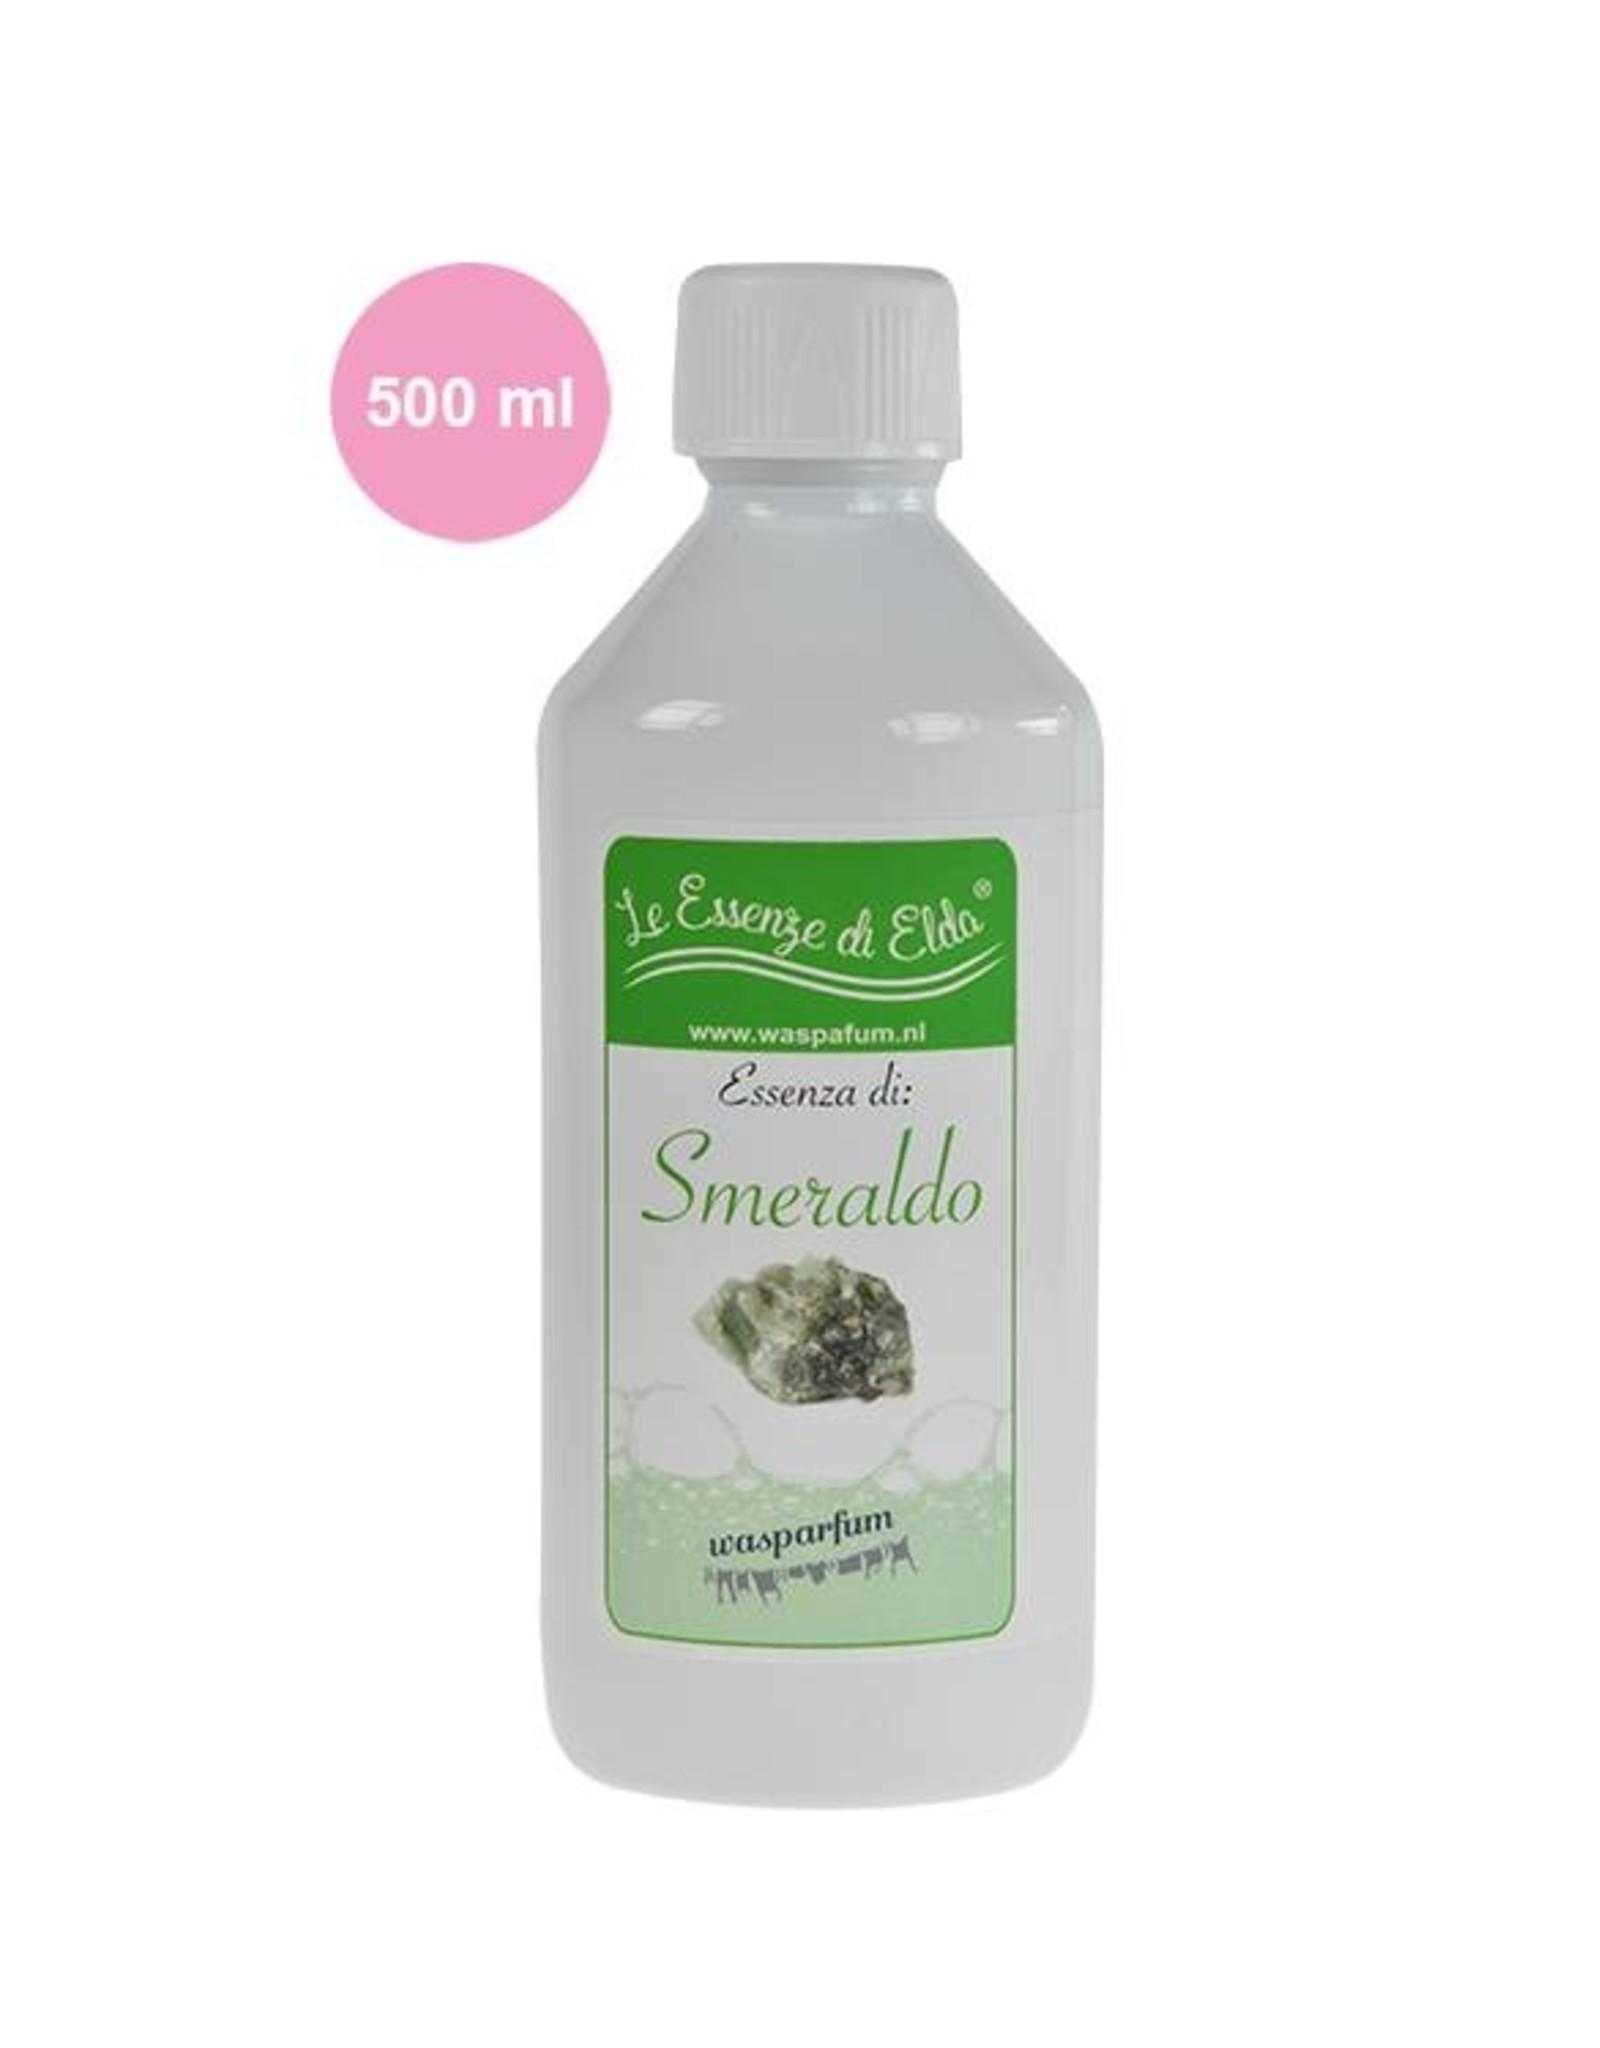 Wasparfum Fles Smeraldo Wasparfum